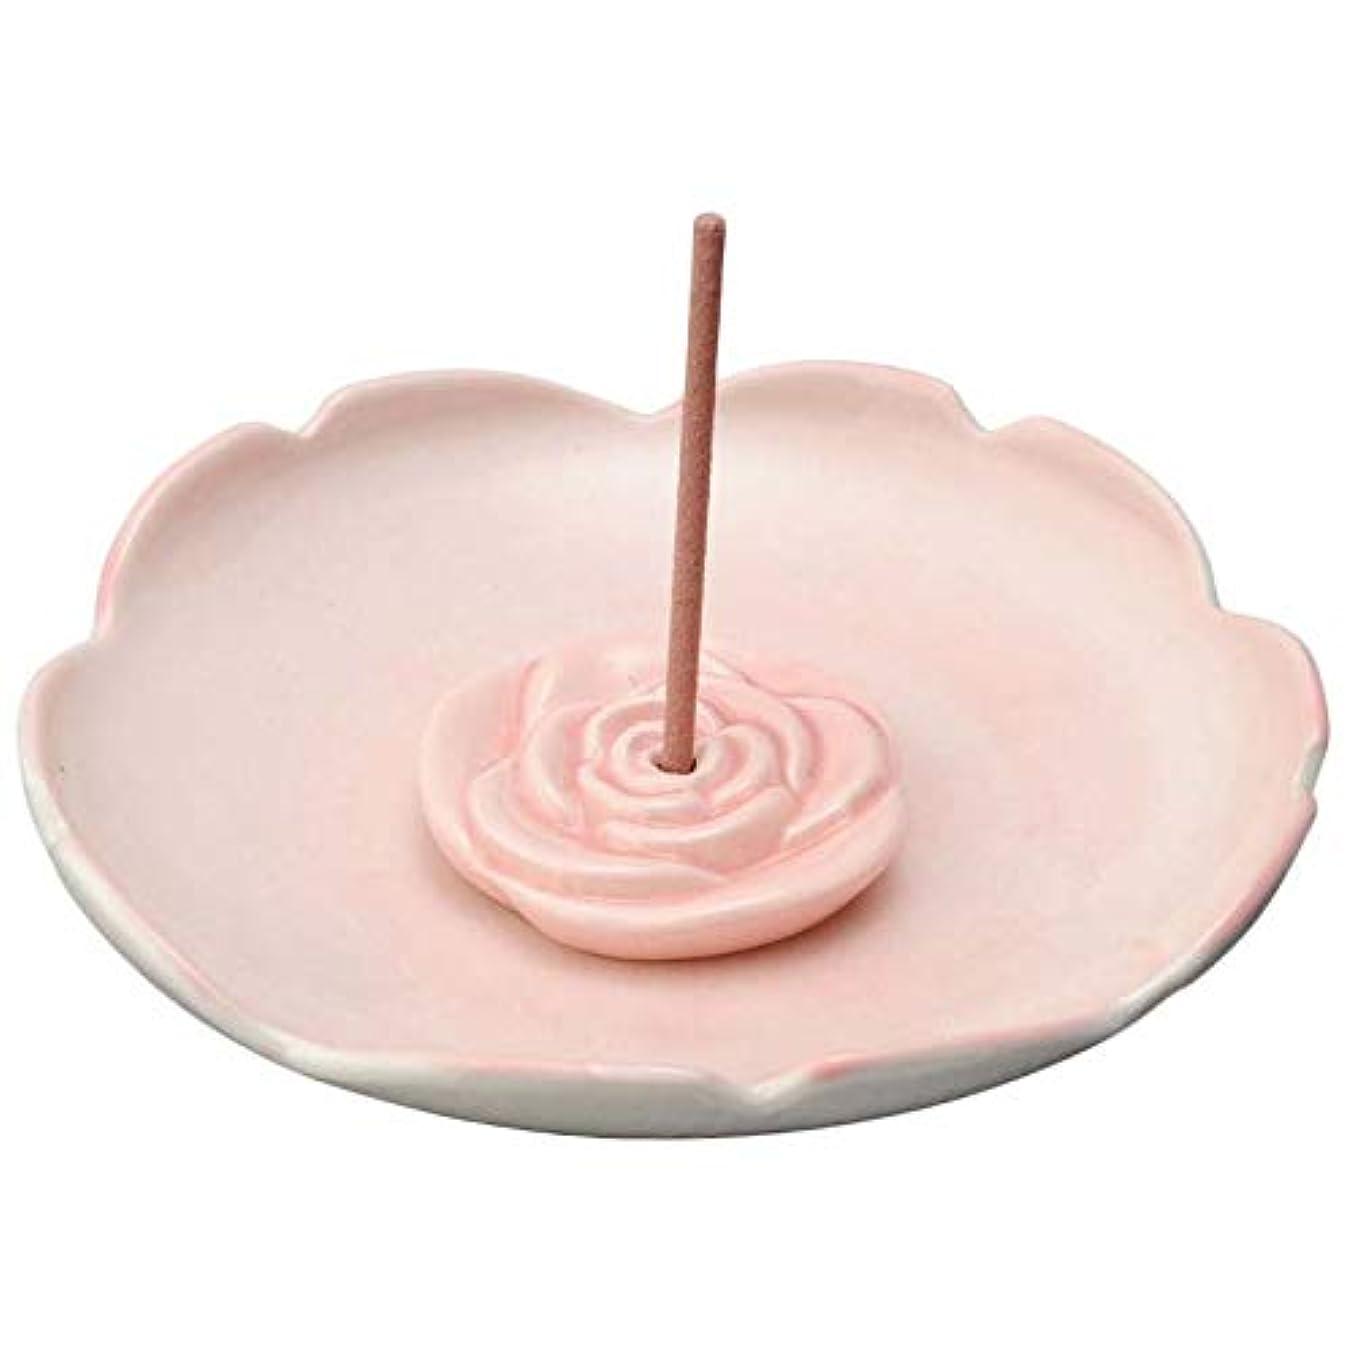 休戦多様性インフレーション香皿 香立て/バラ型 香皿/香り アロマ 癒やし リラックス インテリア プレゼント 贈り物